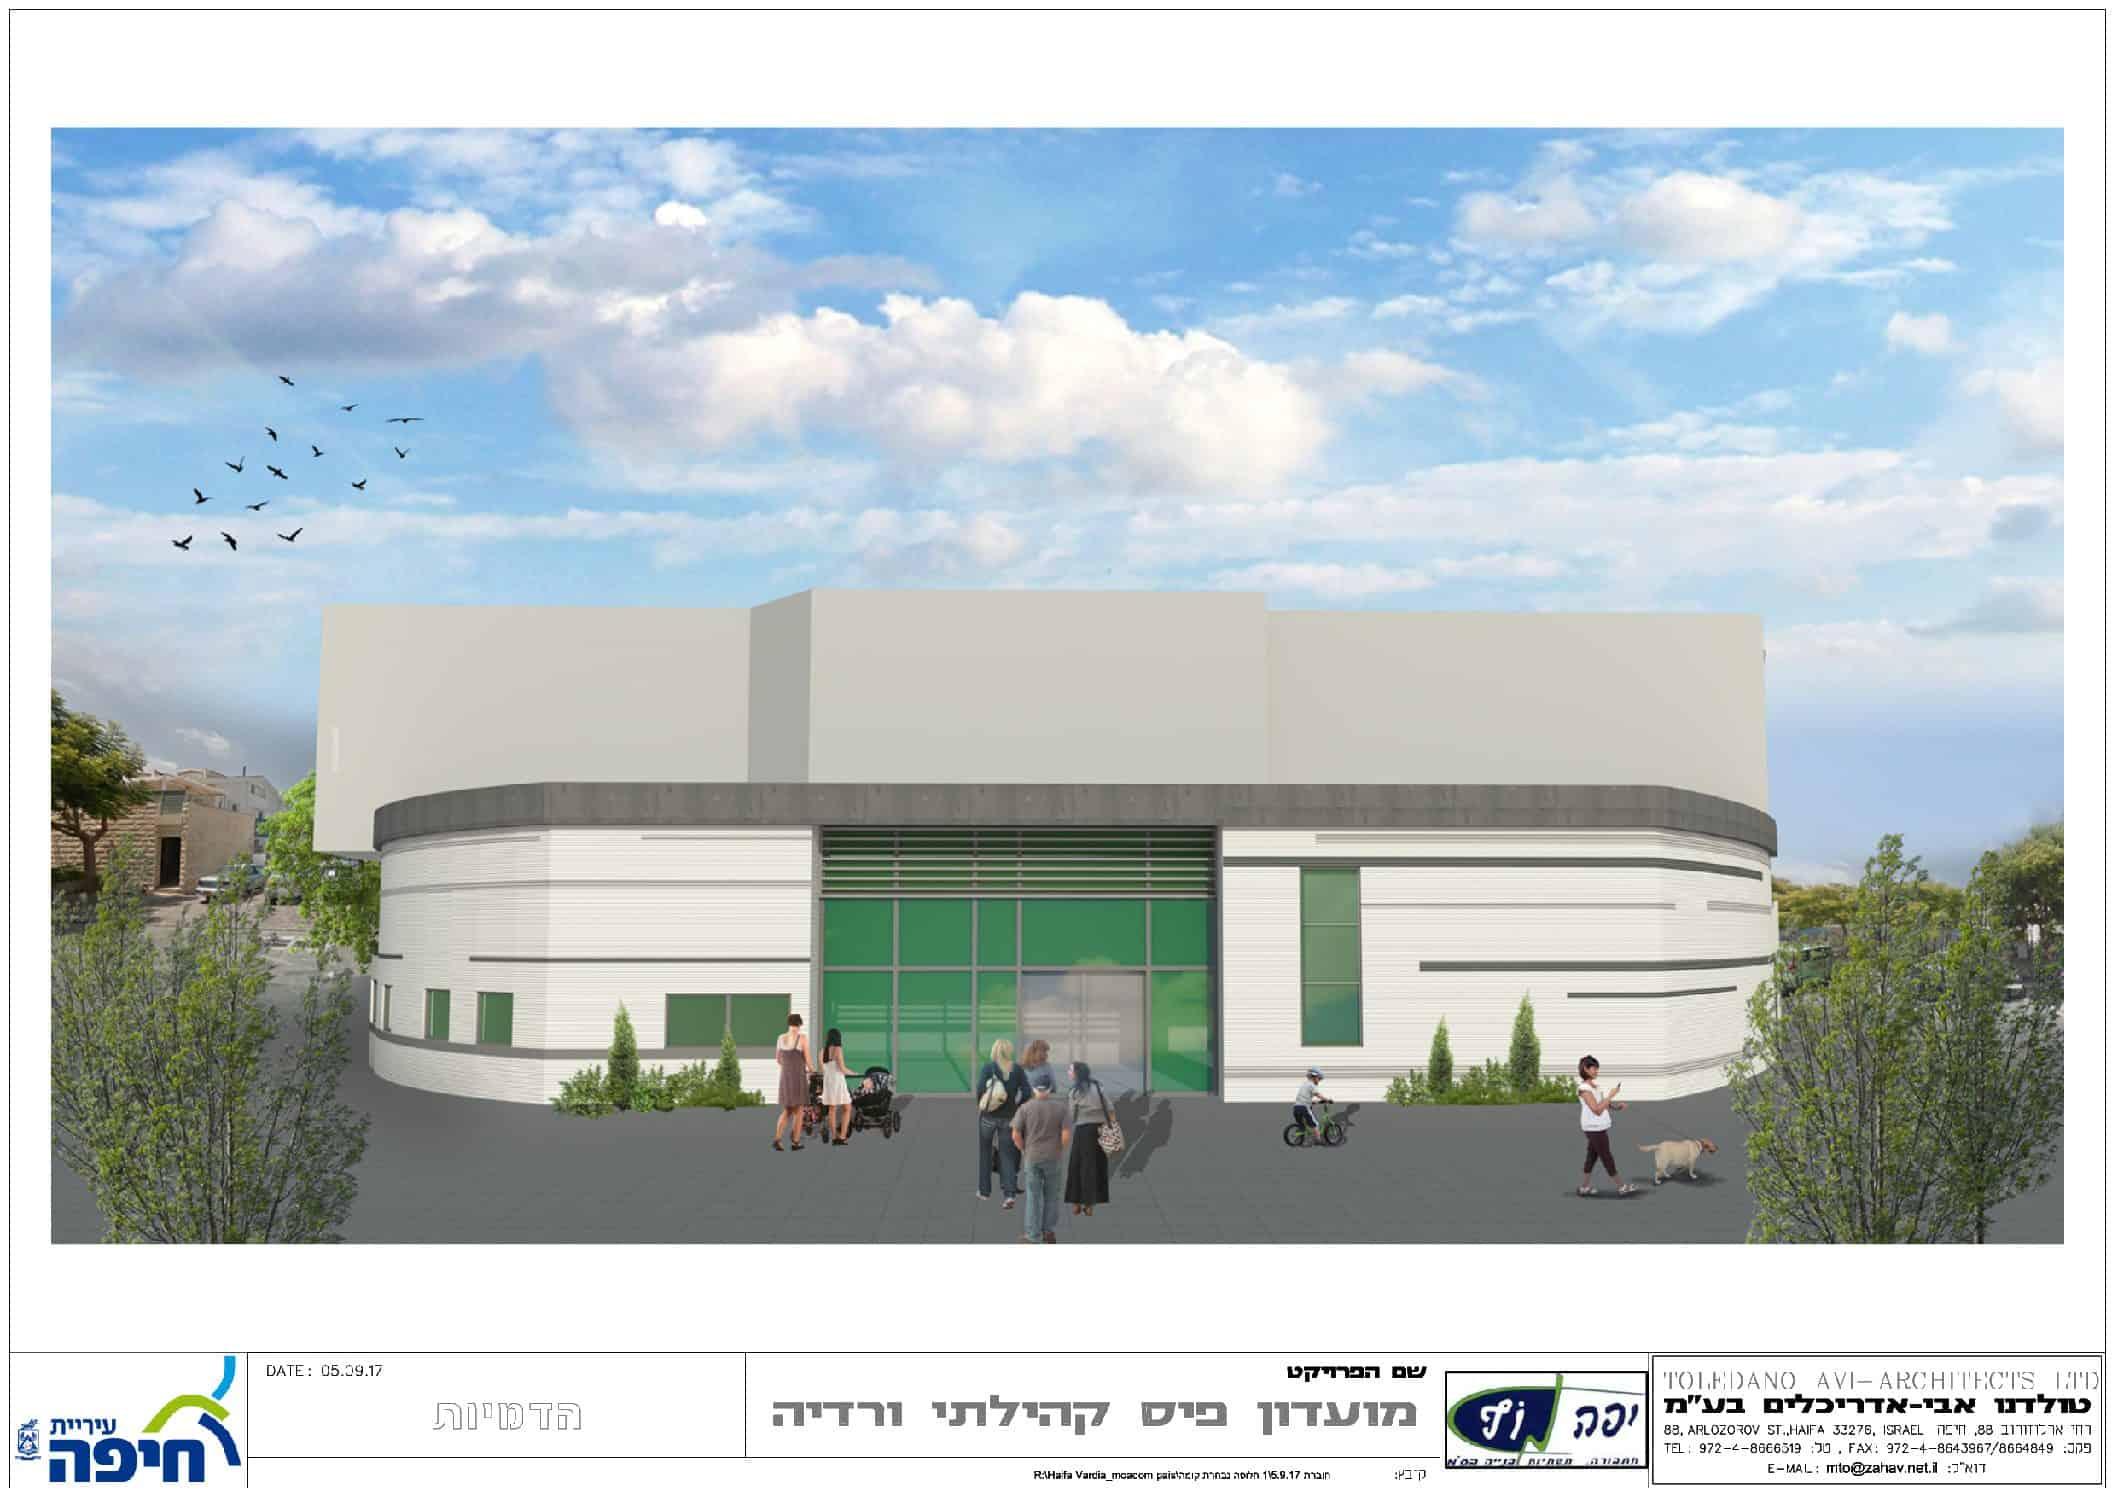 חיפה: מרכז קהילתי יוקם בשכונת ורדיה